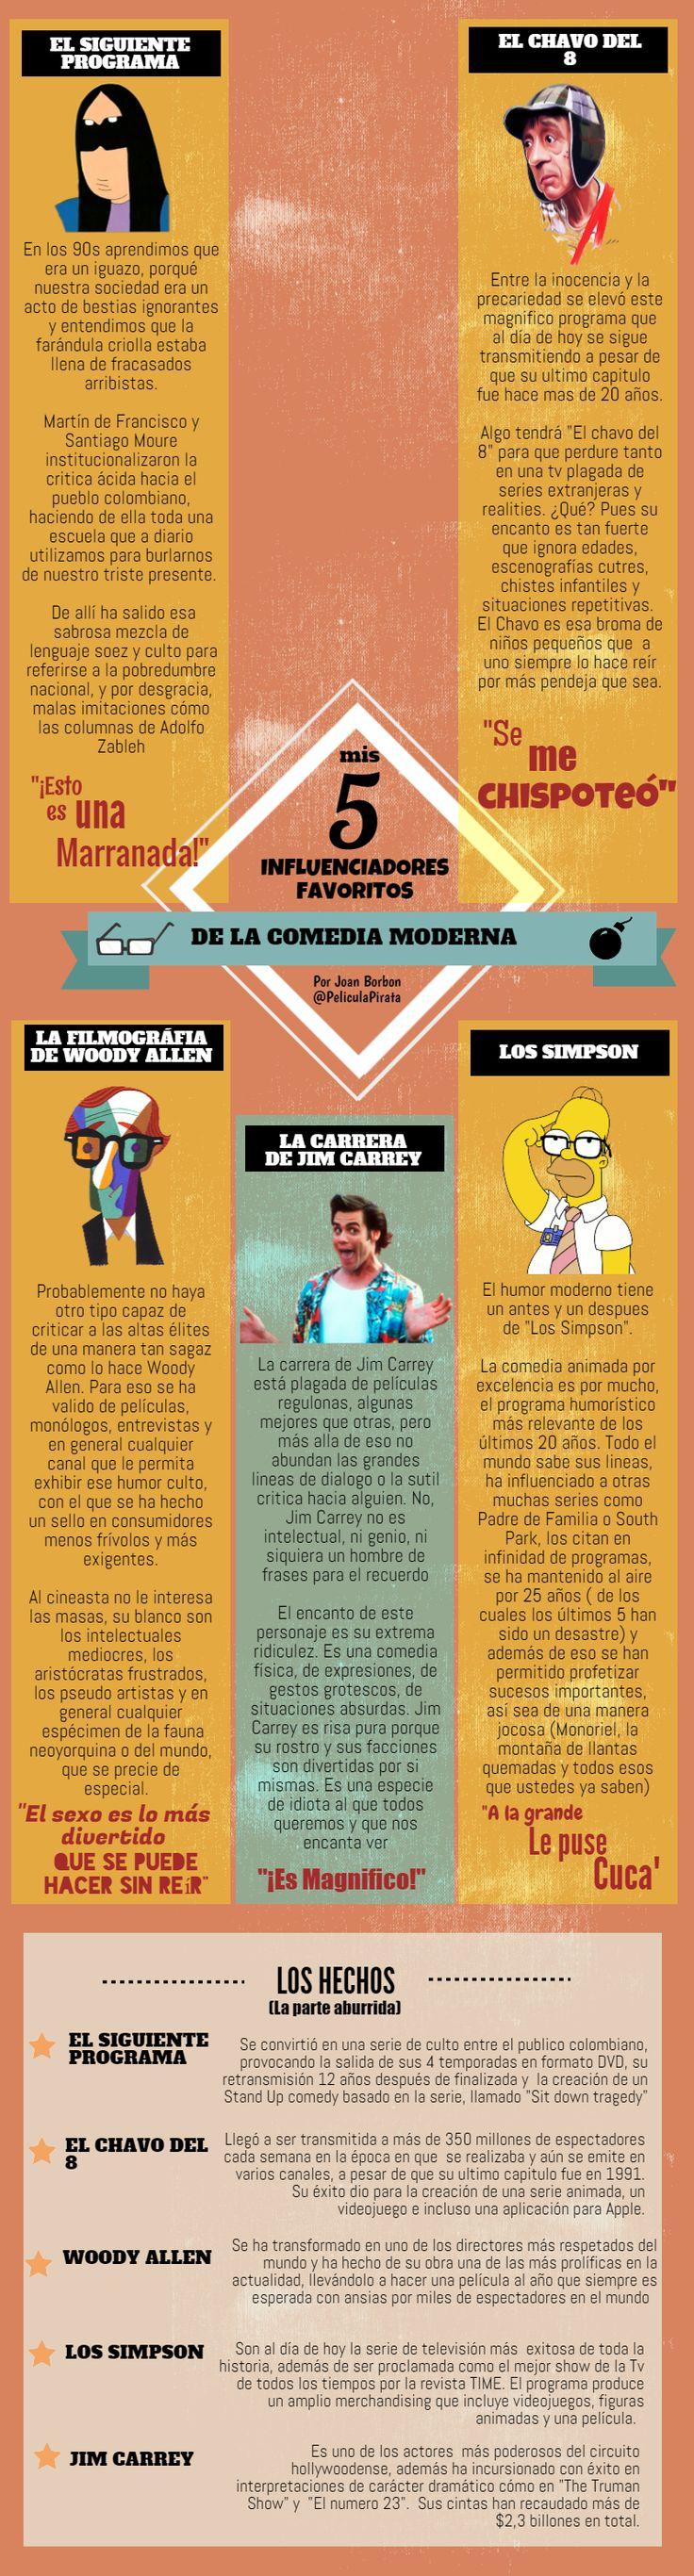 Infografia de cine y comedias influyentes. Los simpson, el chavo del 8, woody allen, el siguiente programa. jim carrey